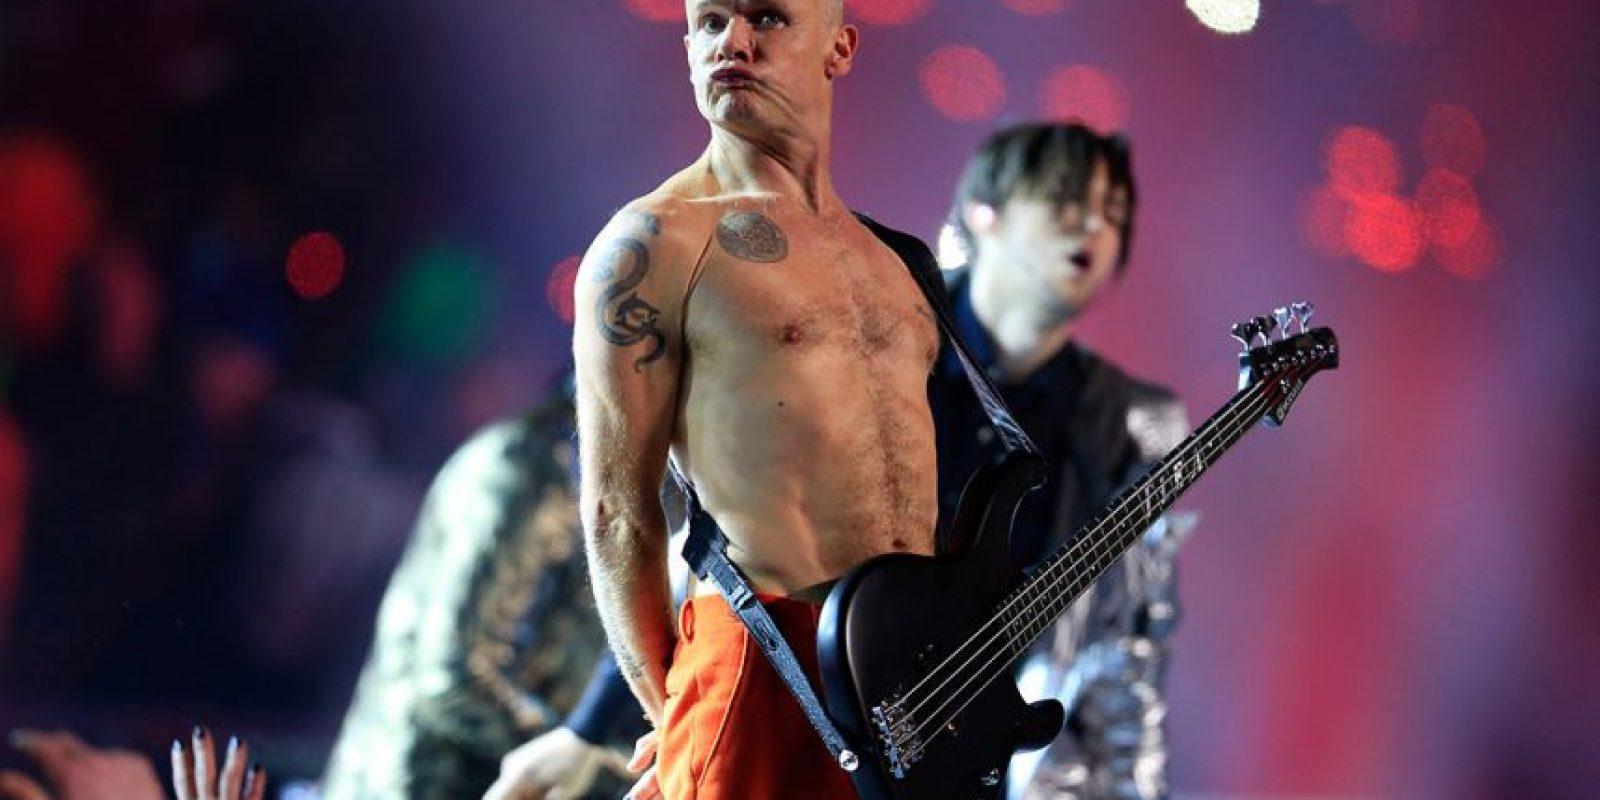 Red Hot Chili Peppers en el Super Bowl 2014. El bajo de Flea ni siquiera estaba conectado, por lo que recibieron millones de críticas. La banda después publicó un comunicado donde aclararon que la NFL les pidió que salieran a tocar su éxito 'Give It Away' en el show, pero que solamente la voz de Anthony Kiedis iba a ser en vivo y que el bajo, la guitarra y la batería tendrían que estar pregrabadas. Foto:Getty Images